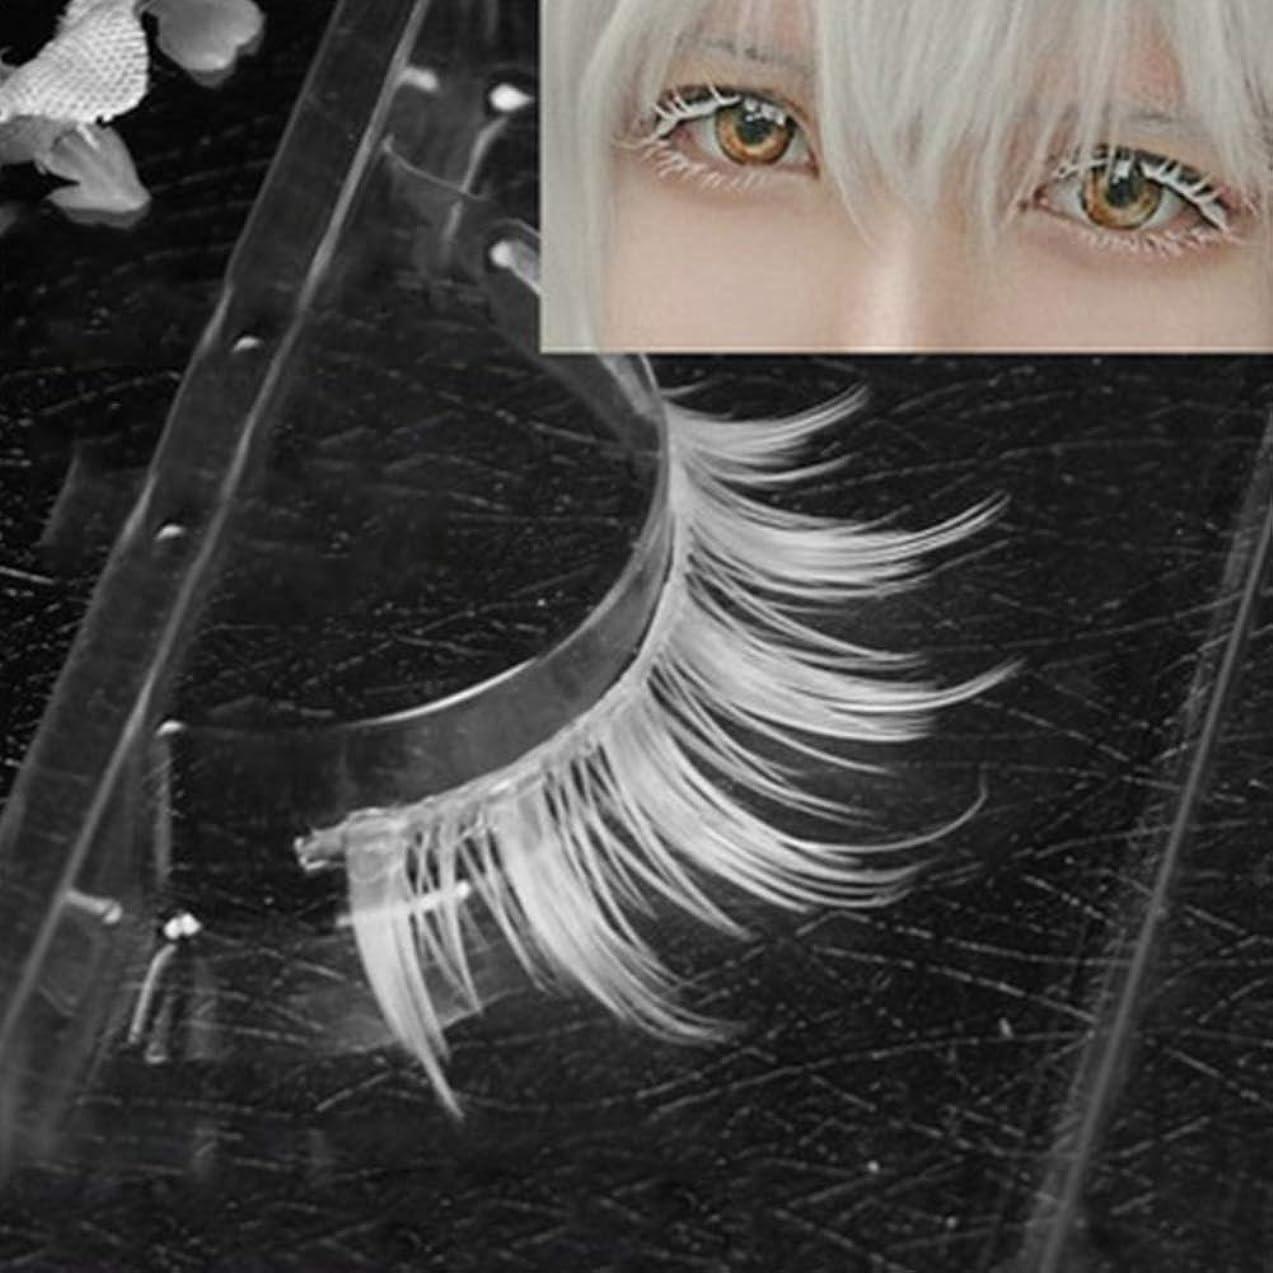 持つに向けて出発必需品Murakush 偽まつげ 1ペア/セット ホワイト 合成繊維 カーリング 厚い 3D ナチュラル ロング 手作り 女性 レディーズ ファッション コスプレ 仮装 目 メイクアップ 美容院 サロン ツール